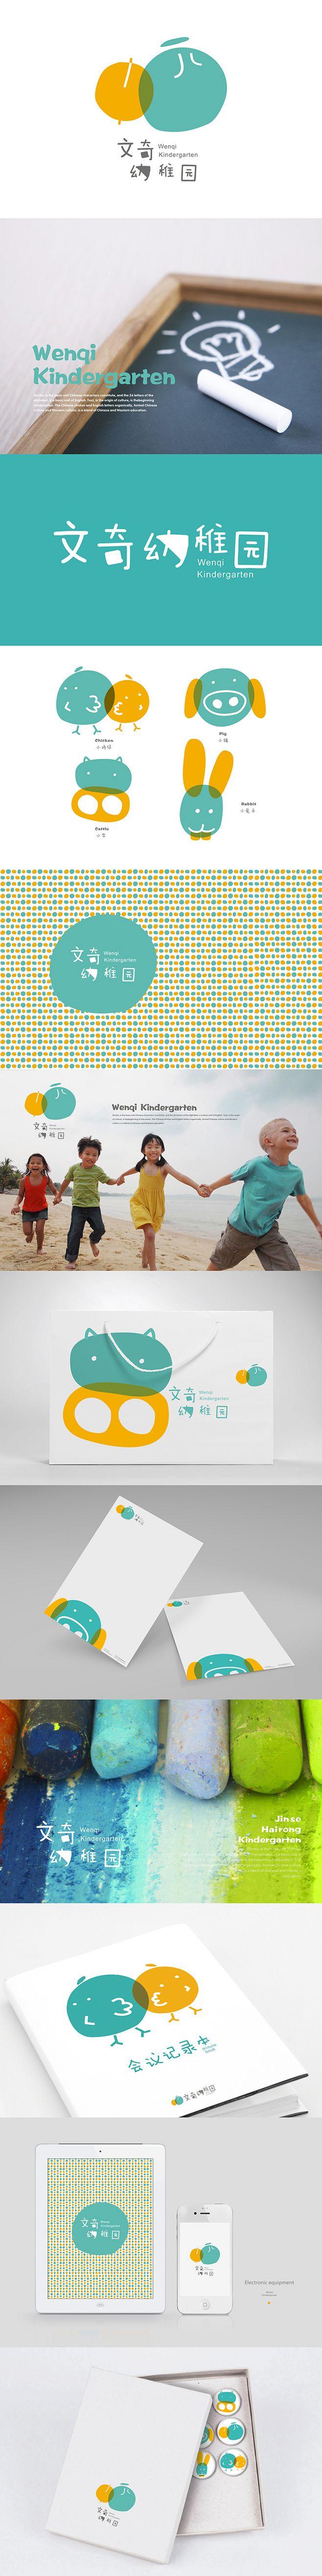 文奇幼儿园VI视觉设计|VI/CI|平面...